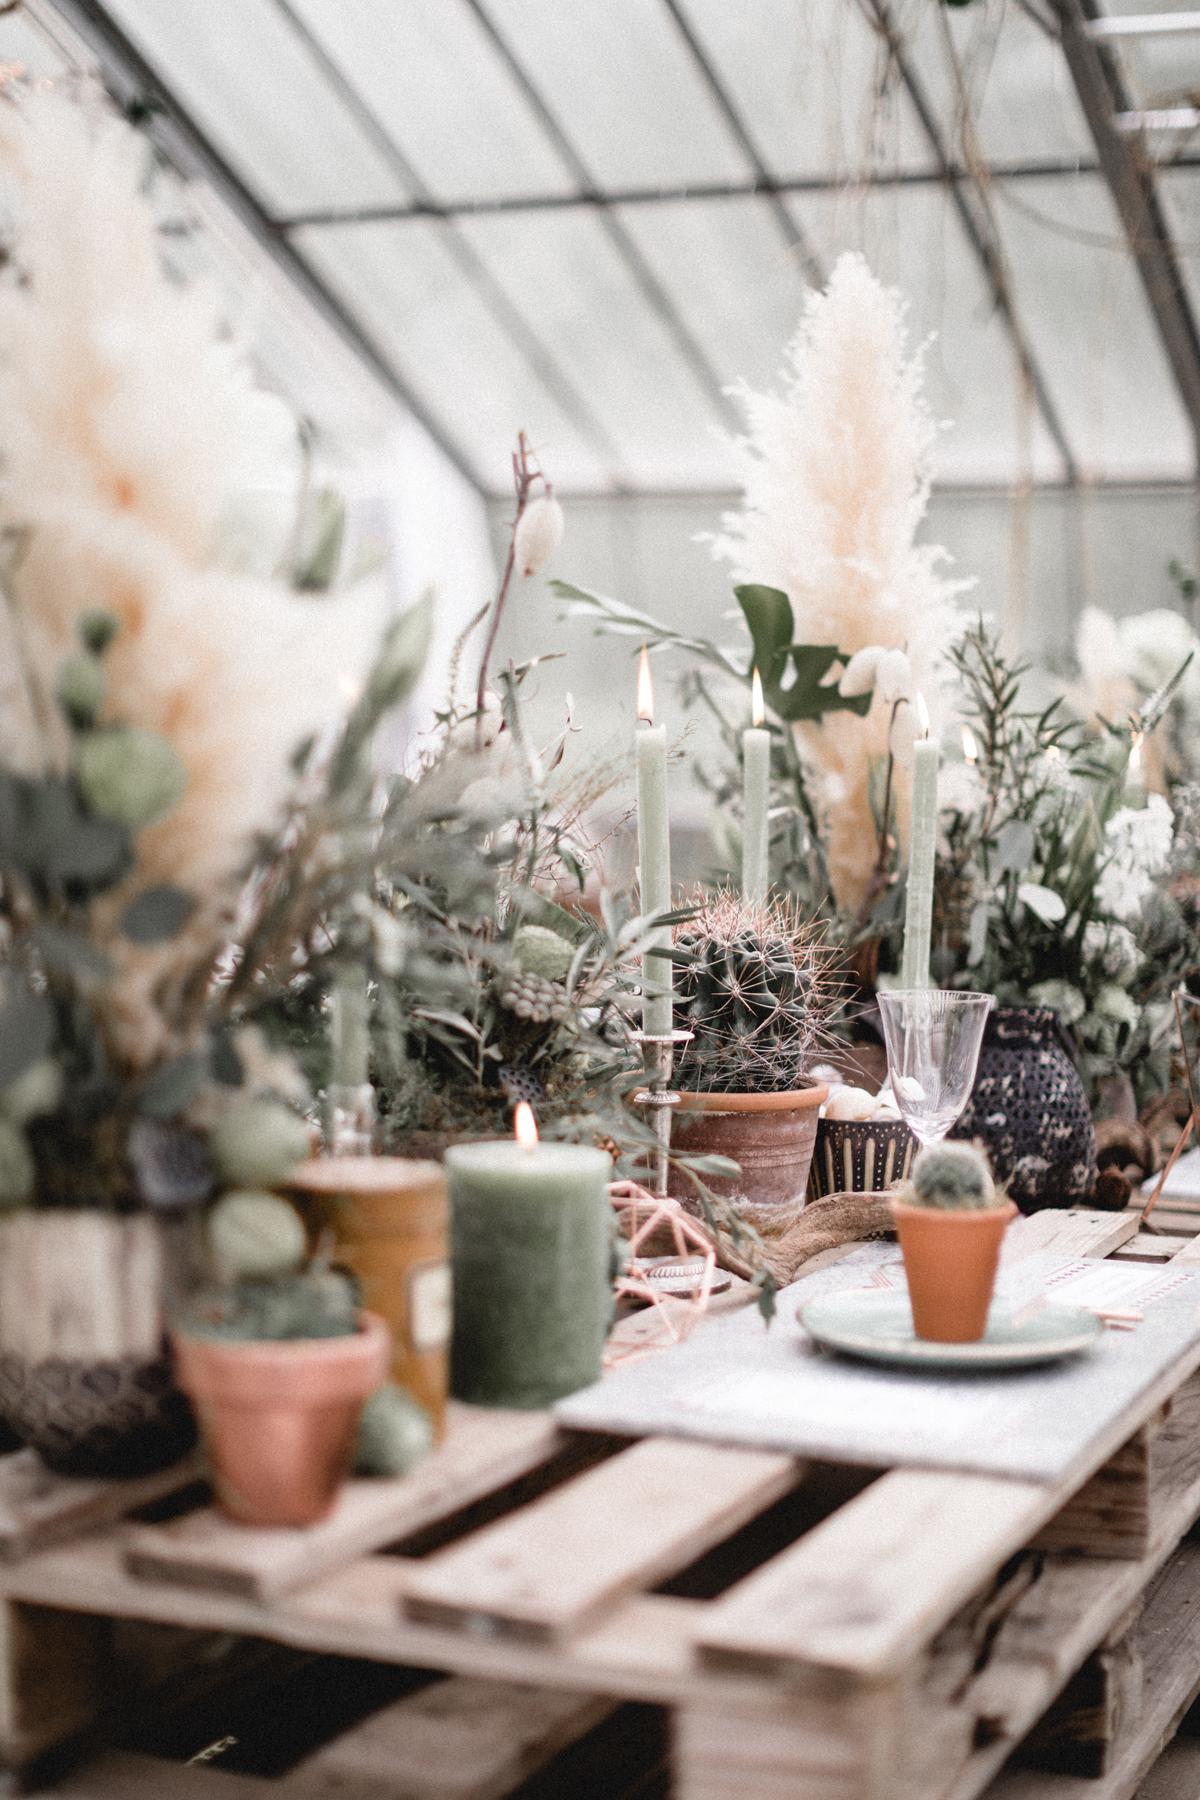 Andreas_Nusch_Hochzeitsfotografie_Brautshooting_2017_JA-Hochzeitsshop_0039